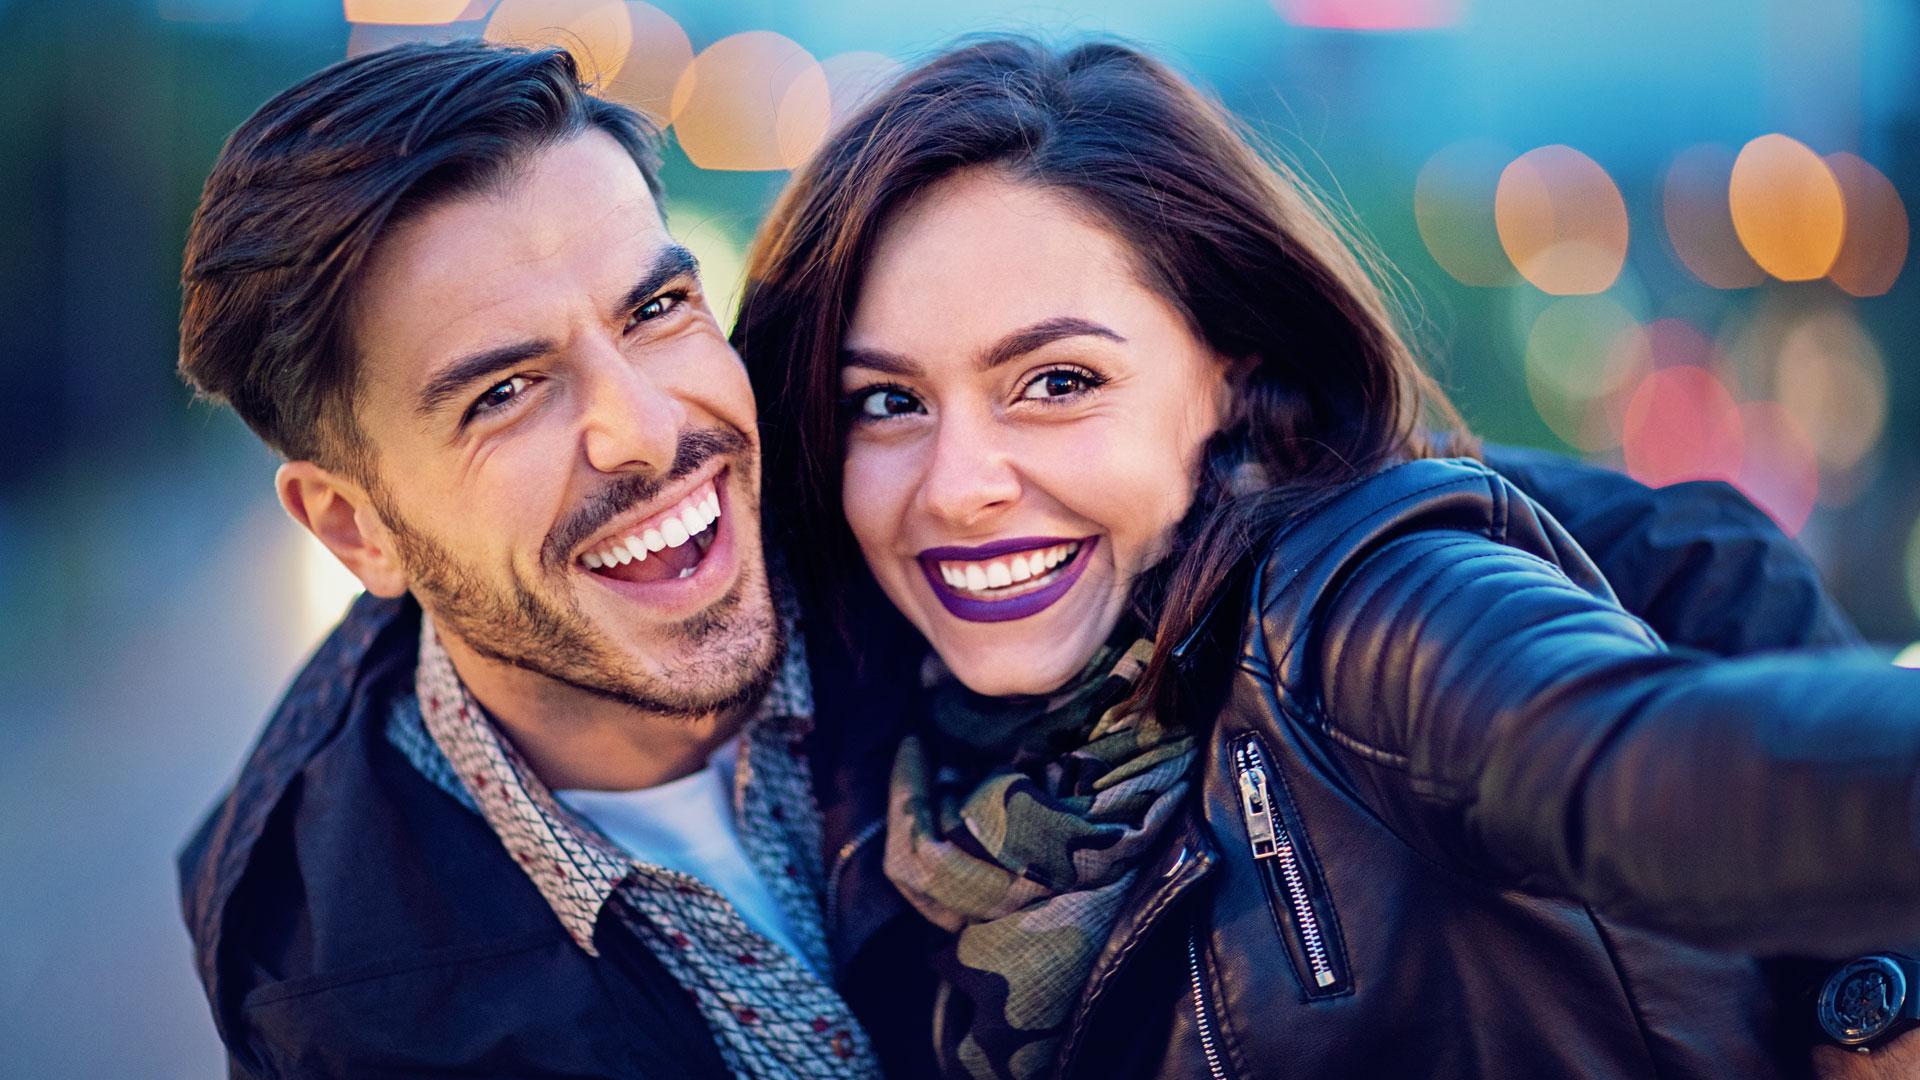 Las fotos que te haces en pareja dicen mucho de tu relación, según experto